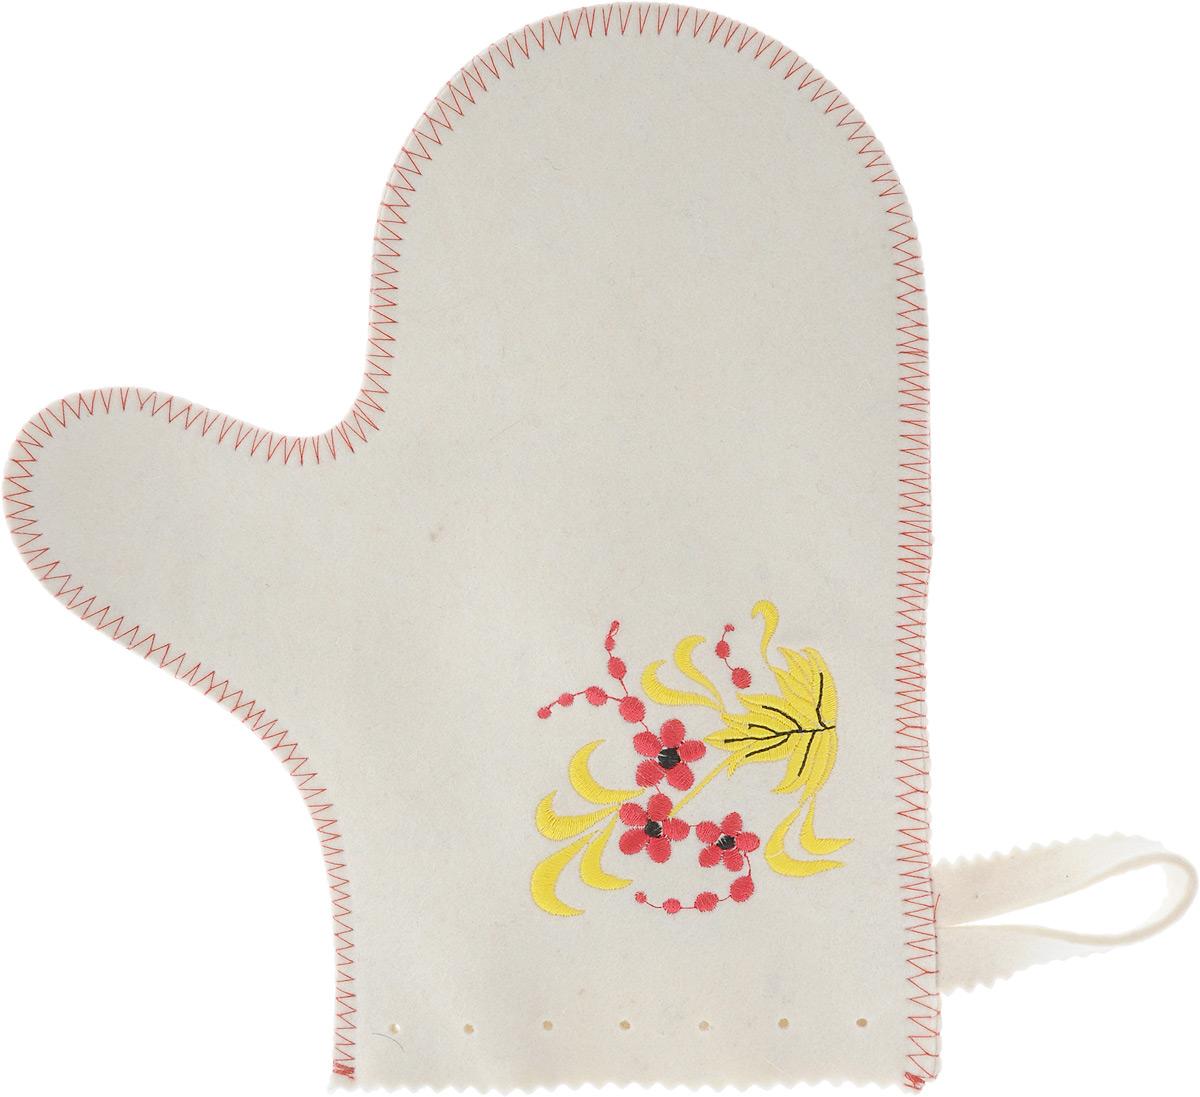 Рукавица для бани и сауны Хохлома рукавицы для бани тонтту тутто рукавица арт 142 white шт